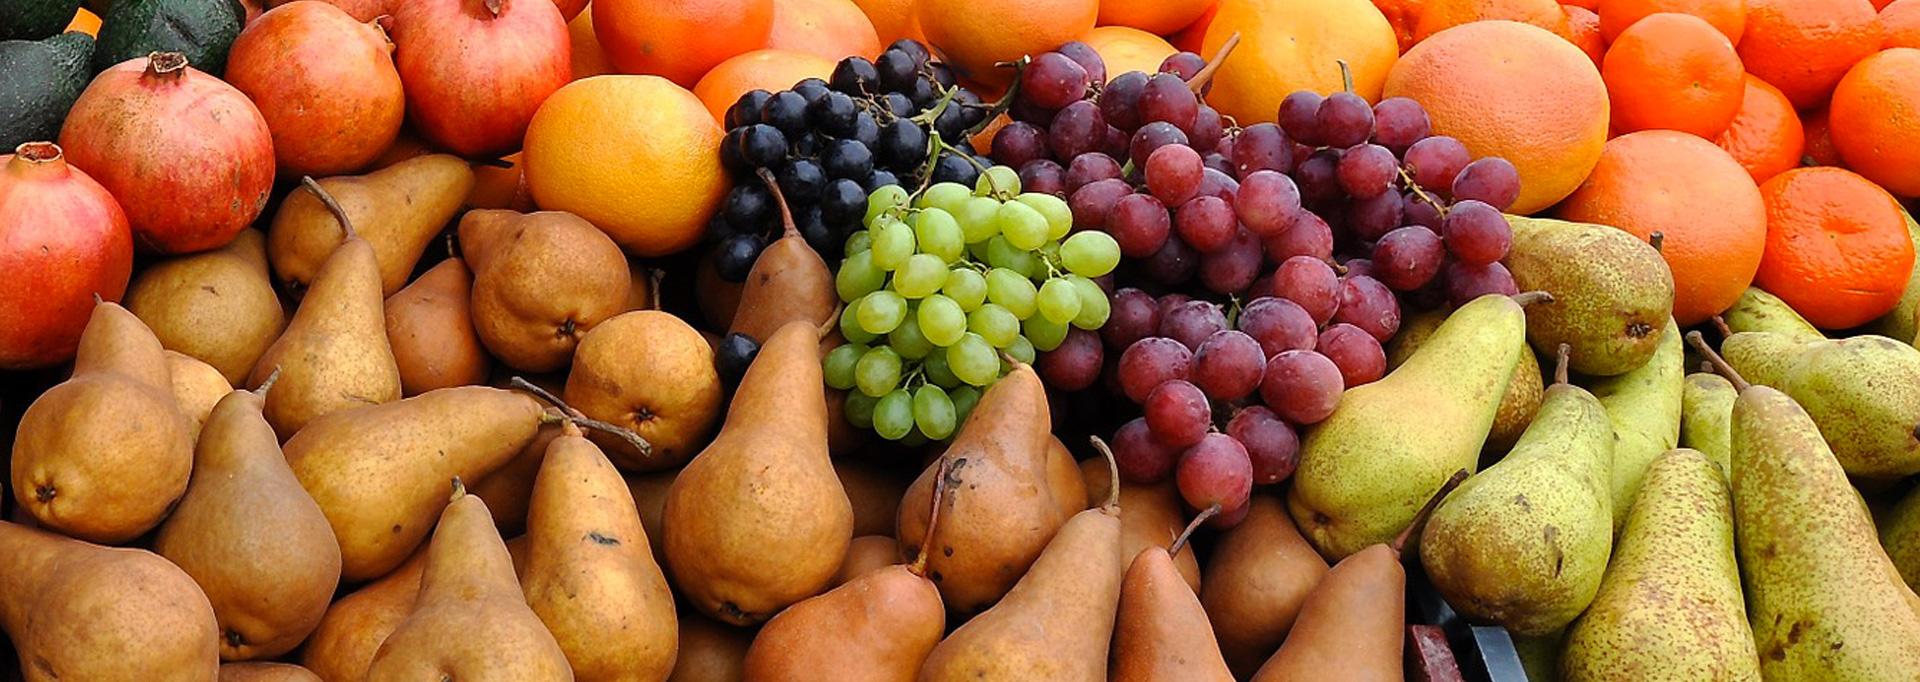 E vai con la frutta civicamente for Frutta con la o iniziale